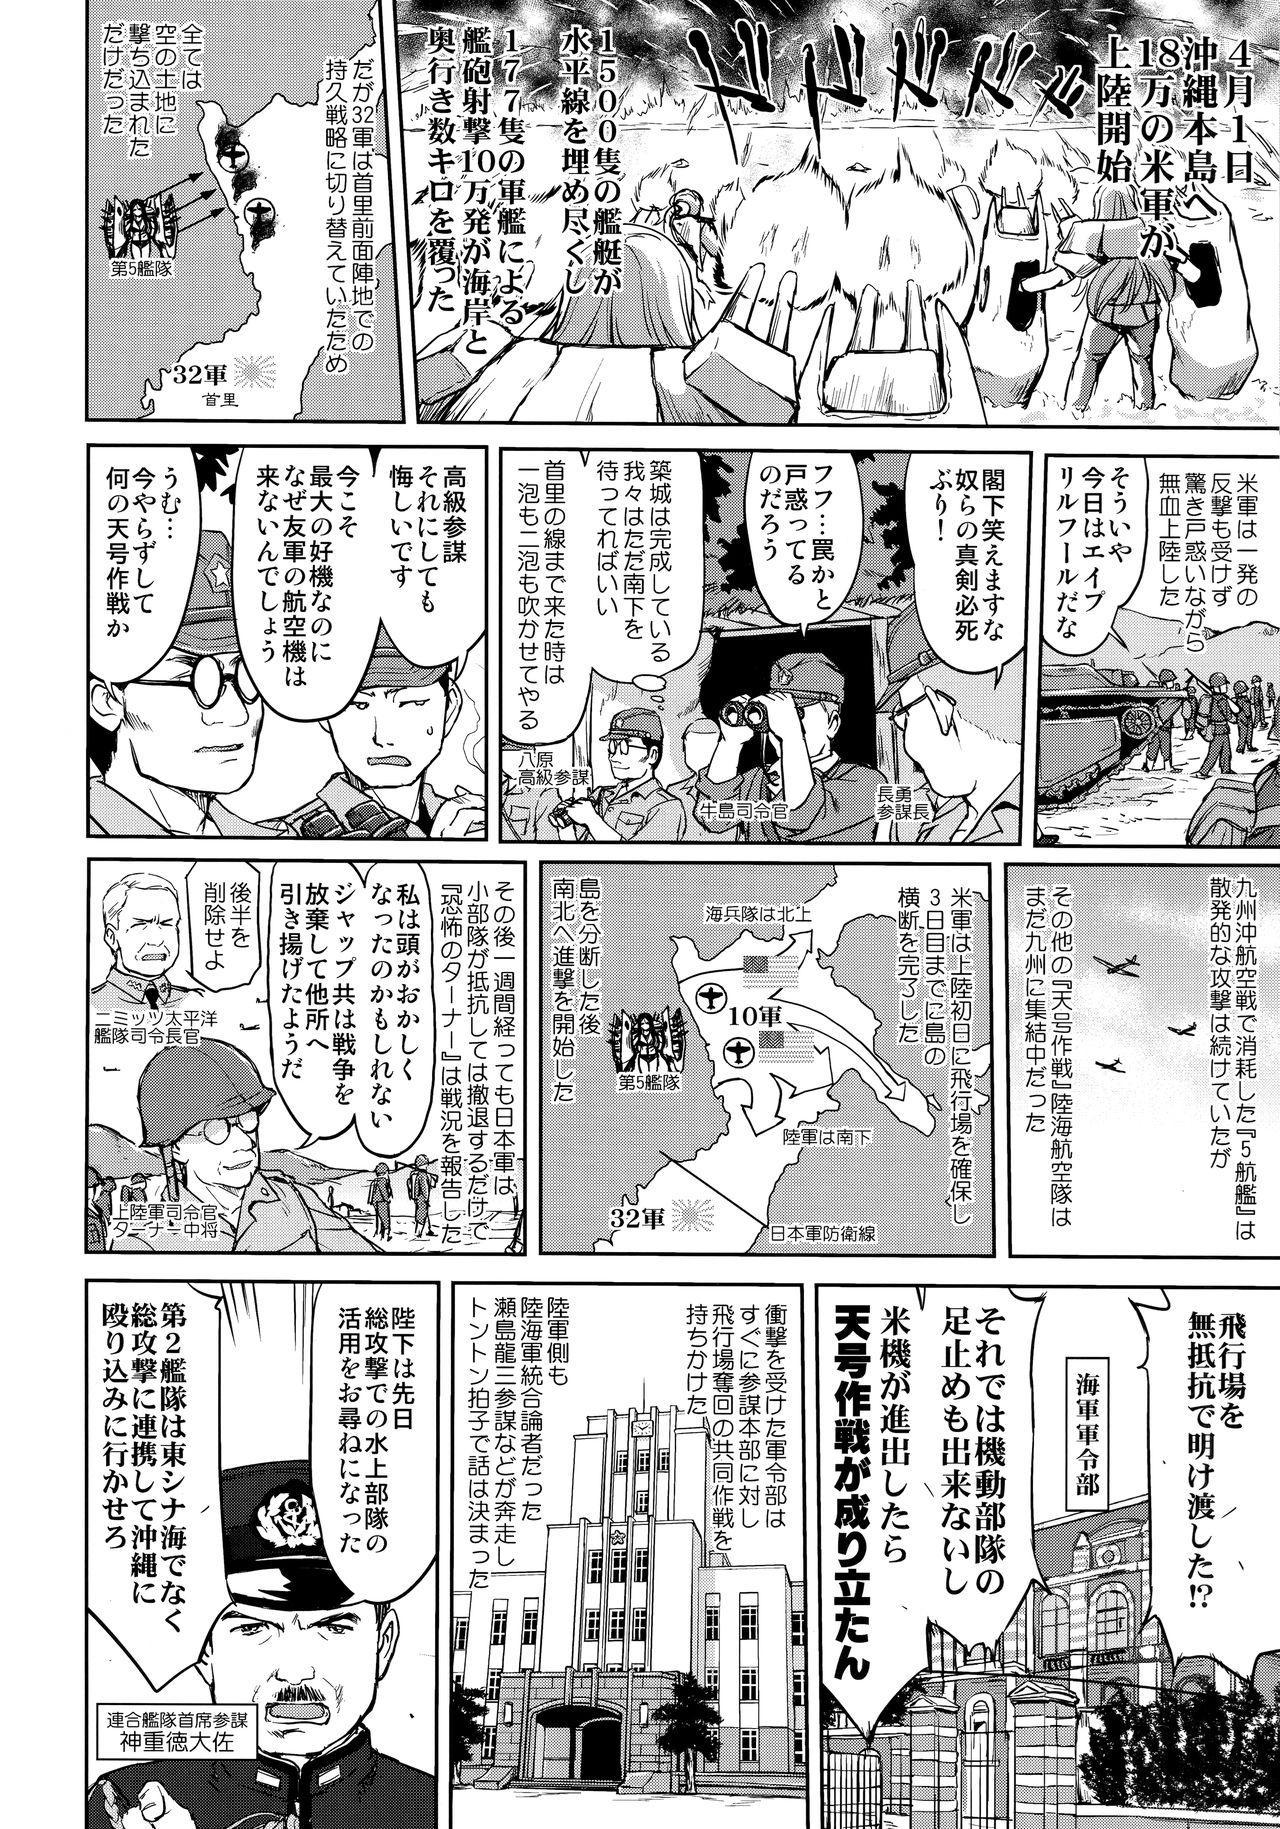 Teitoku no Ketsudan Kanmusu no Ichiban Nagai Hi 7